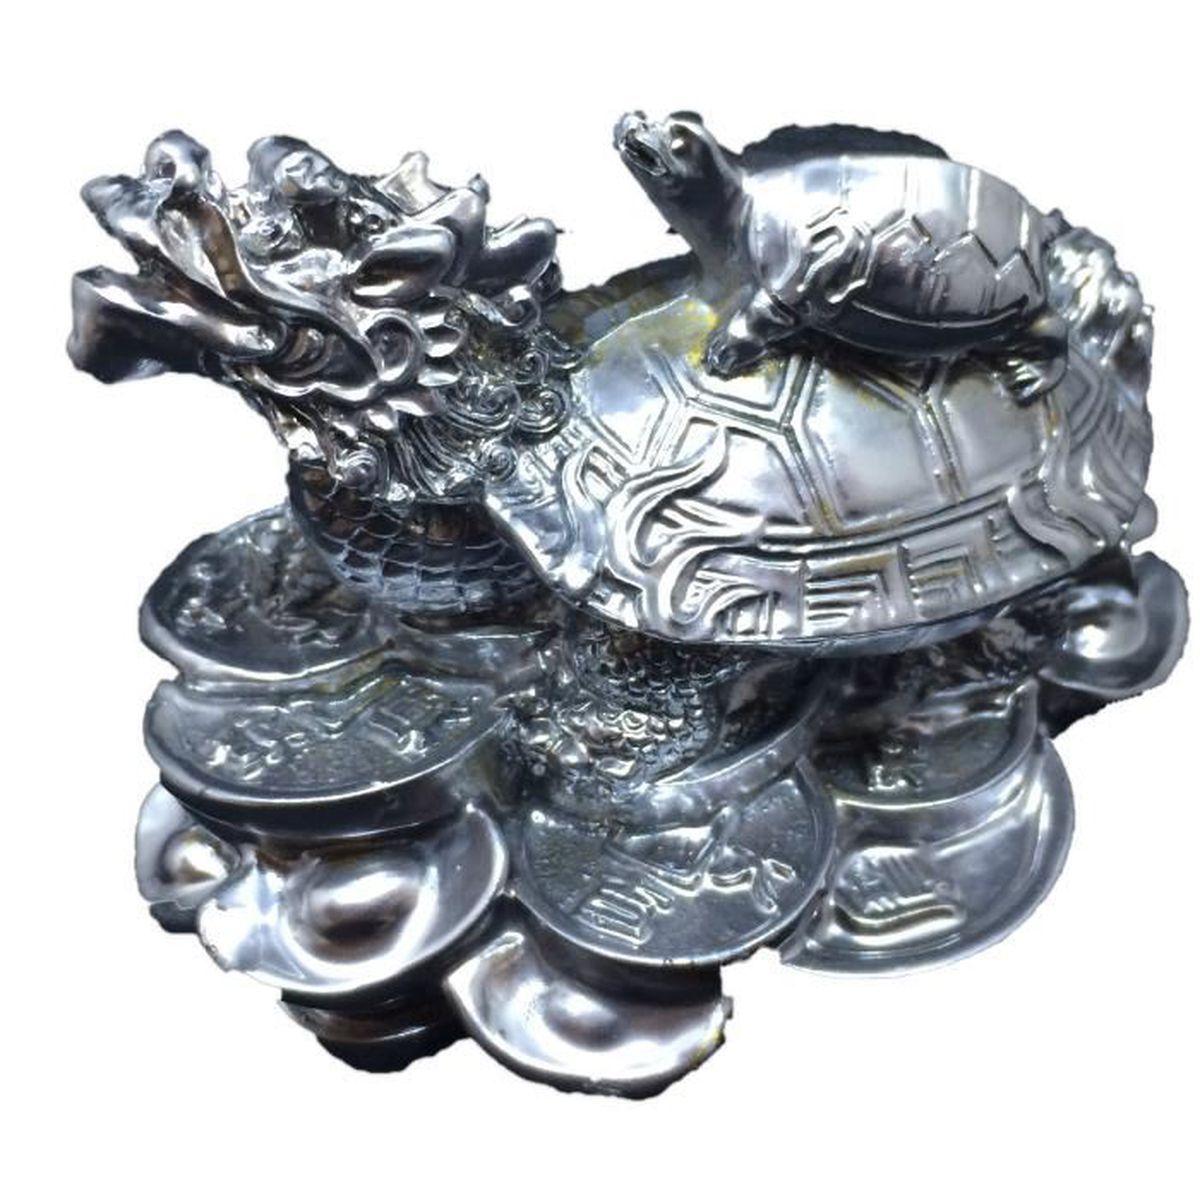 Bouddha Rieur Signification Position tortue dragon argenté : travail et santé